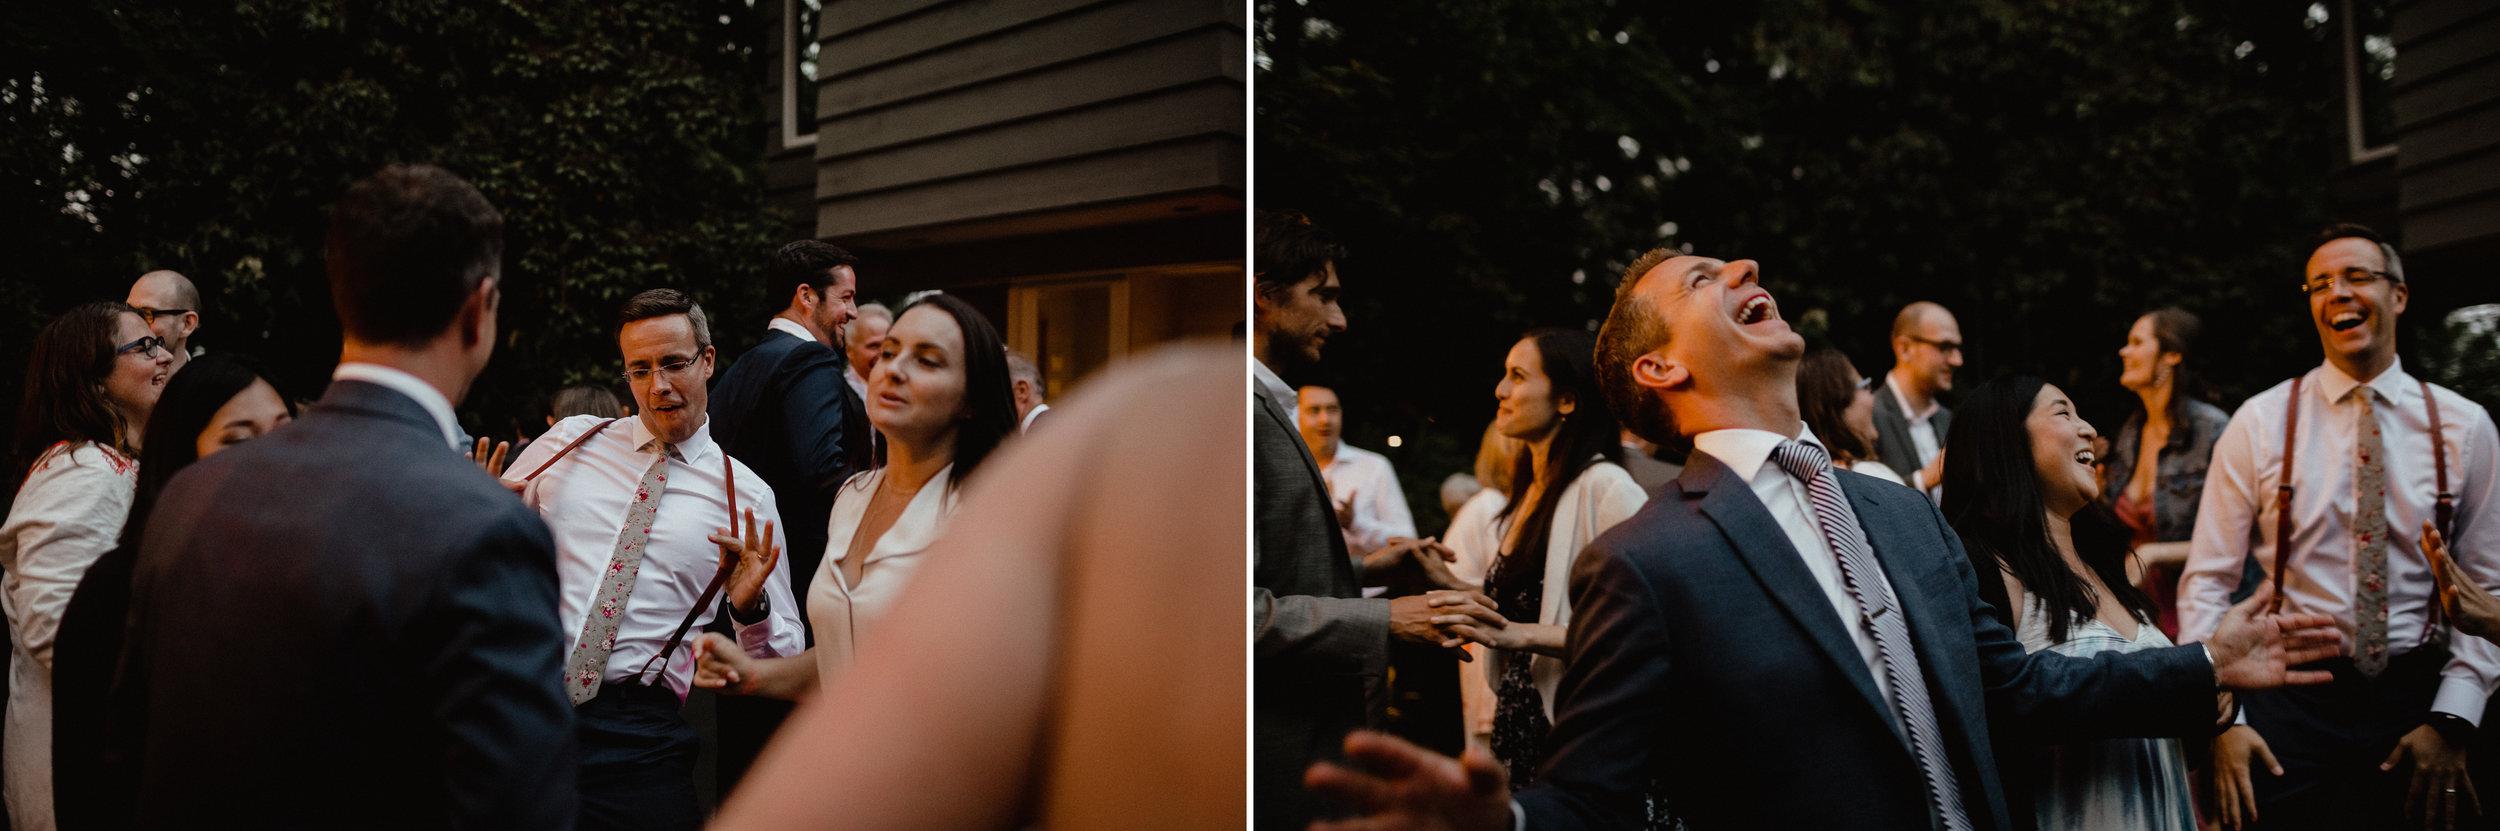 west-vancouver-backyard-wedding-305.jpg